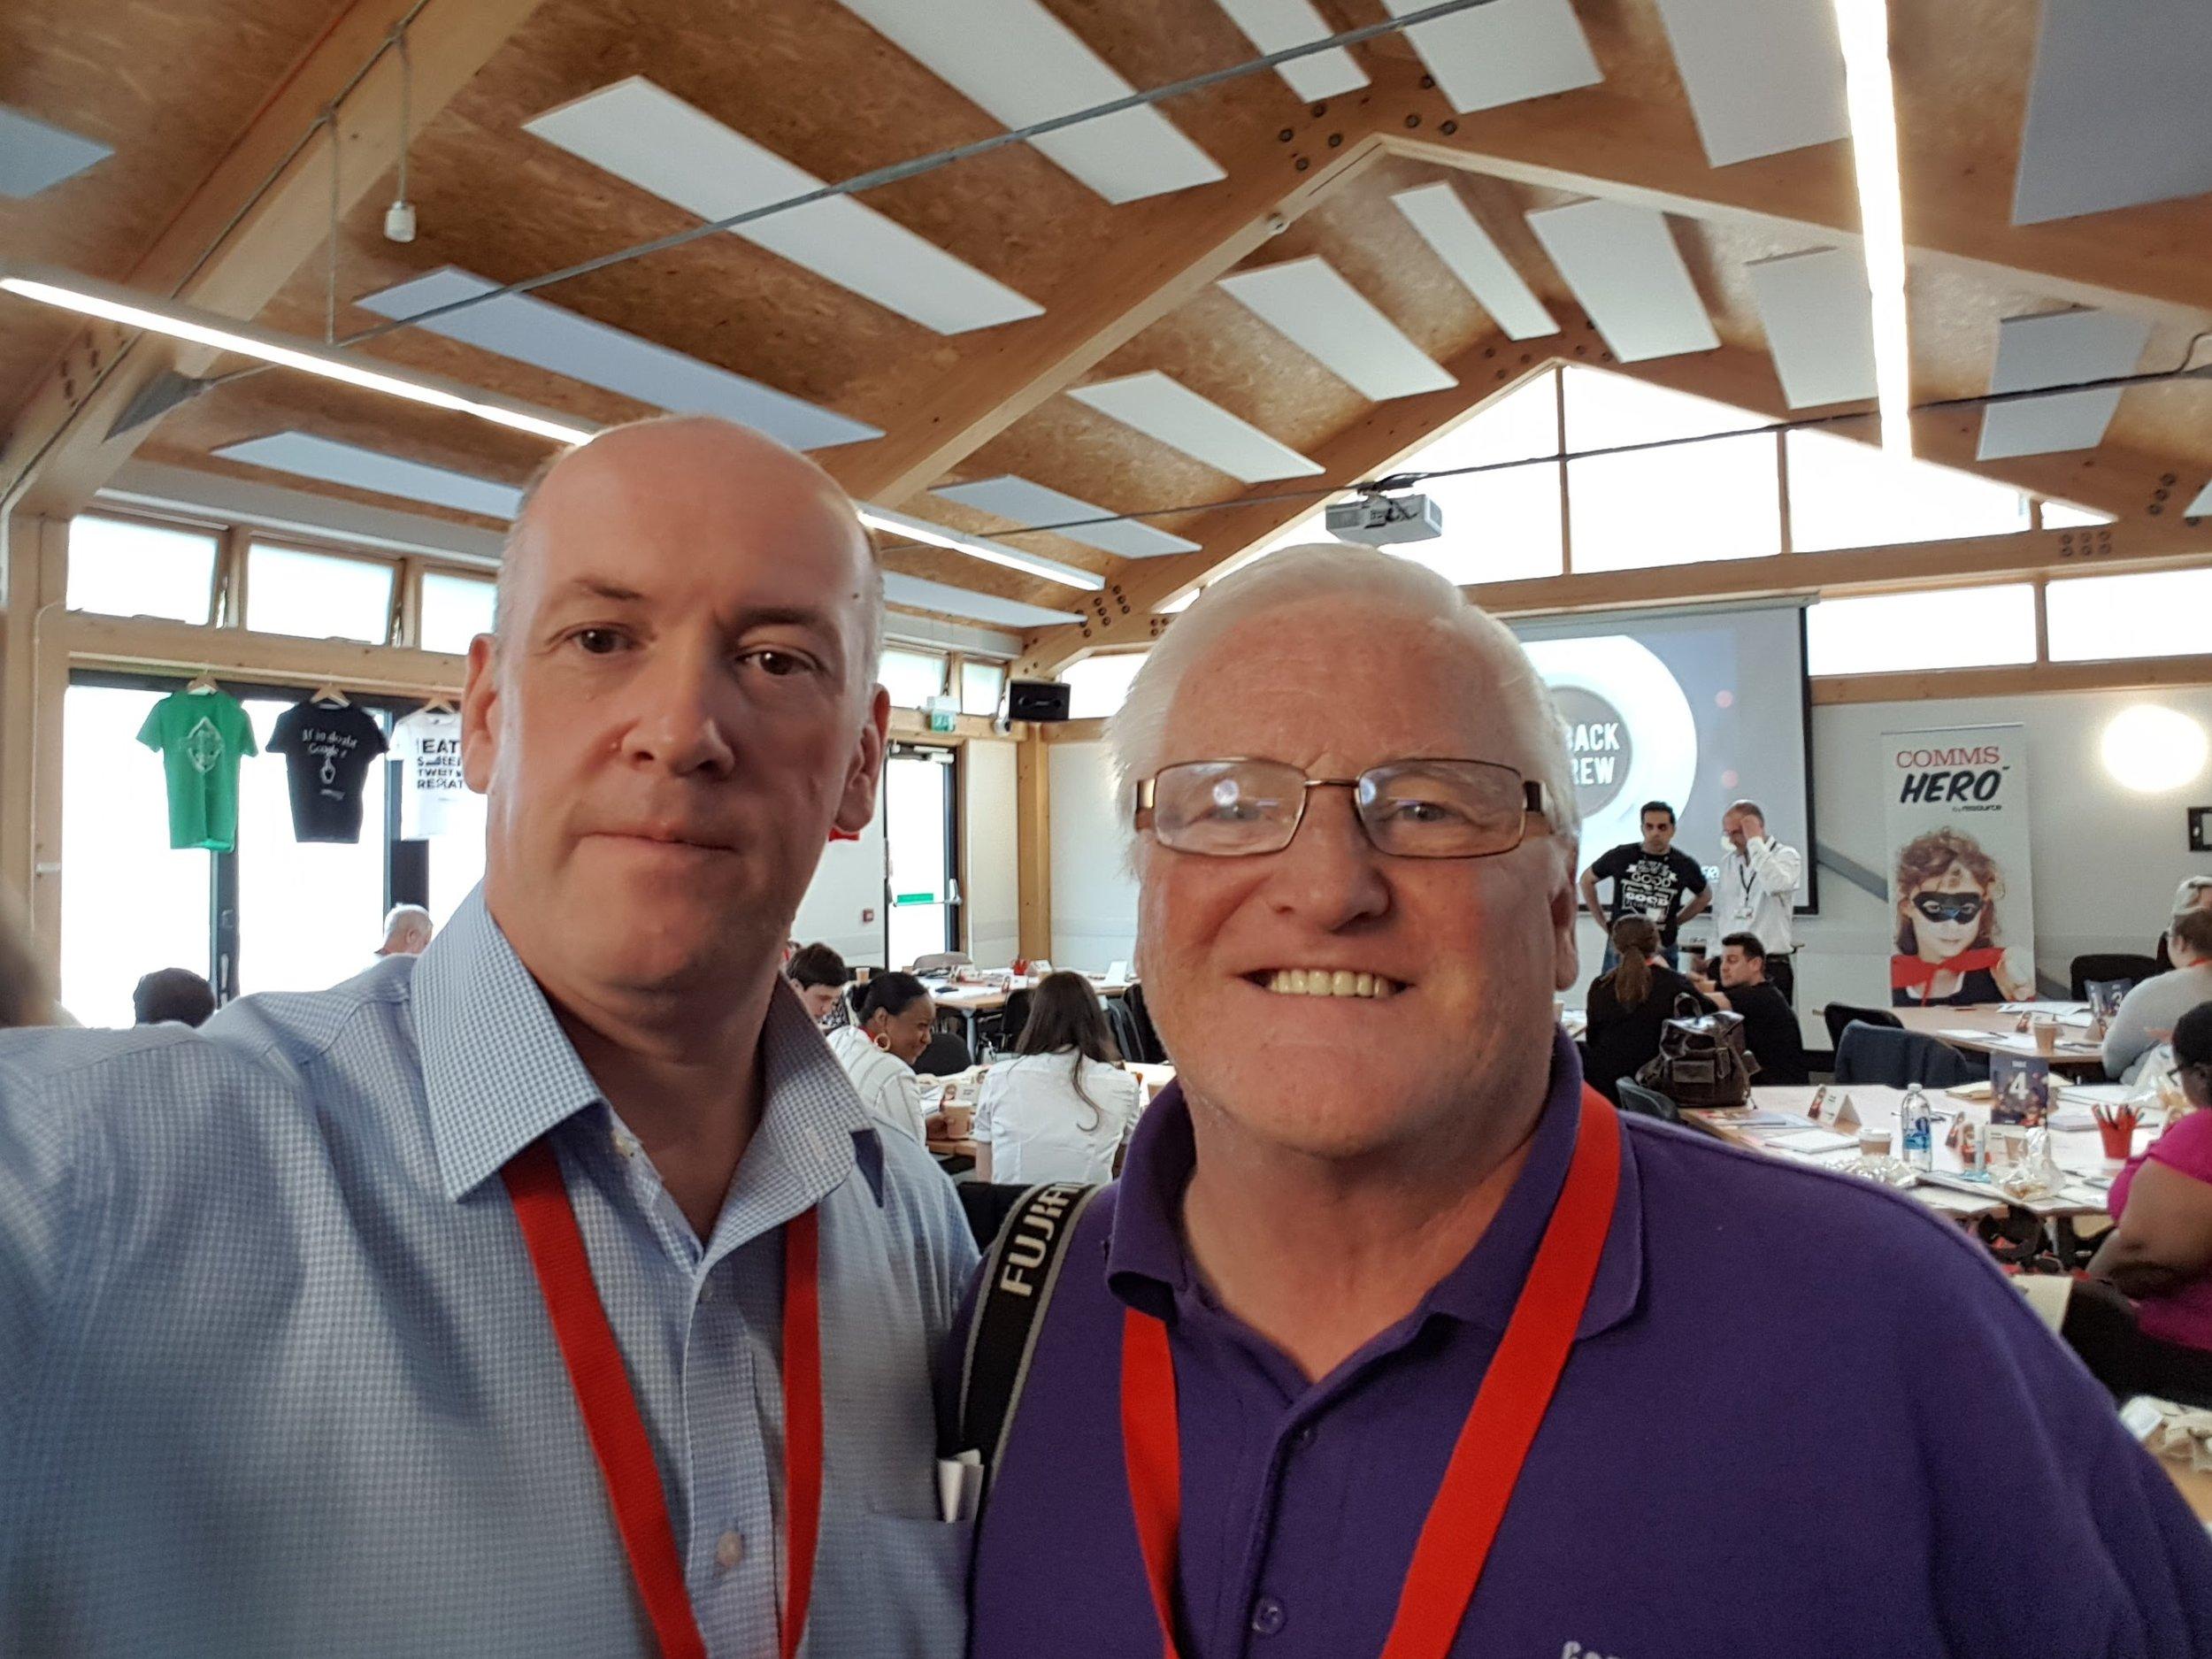 Colm McDaid and David Yates